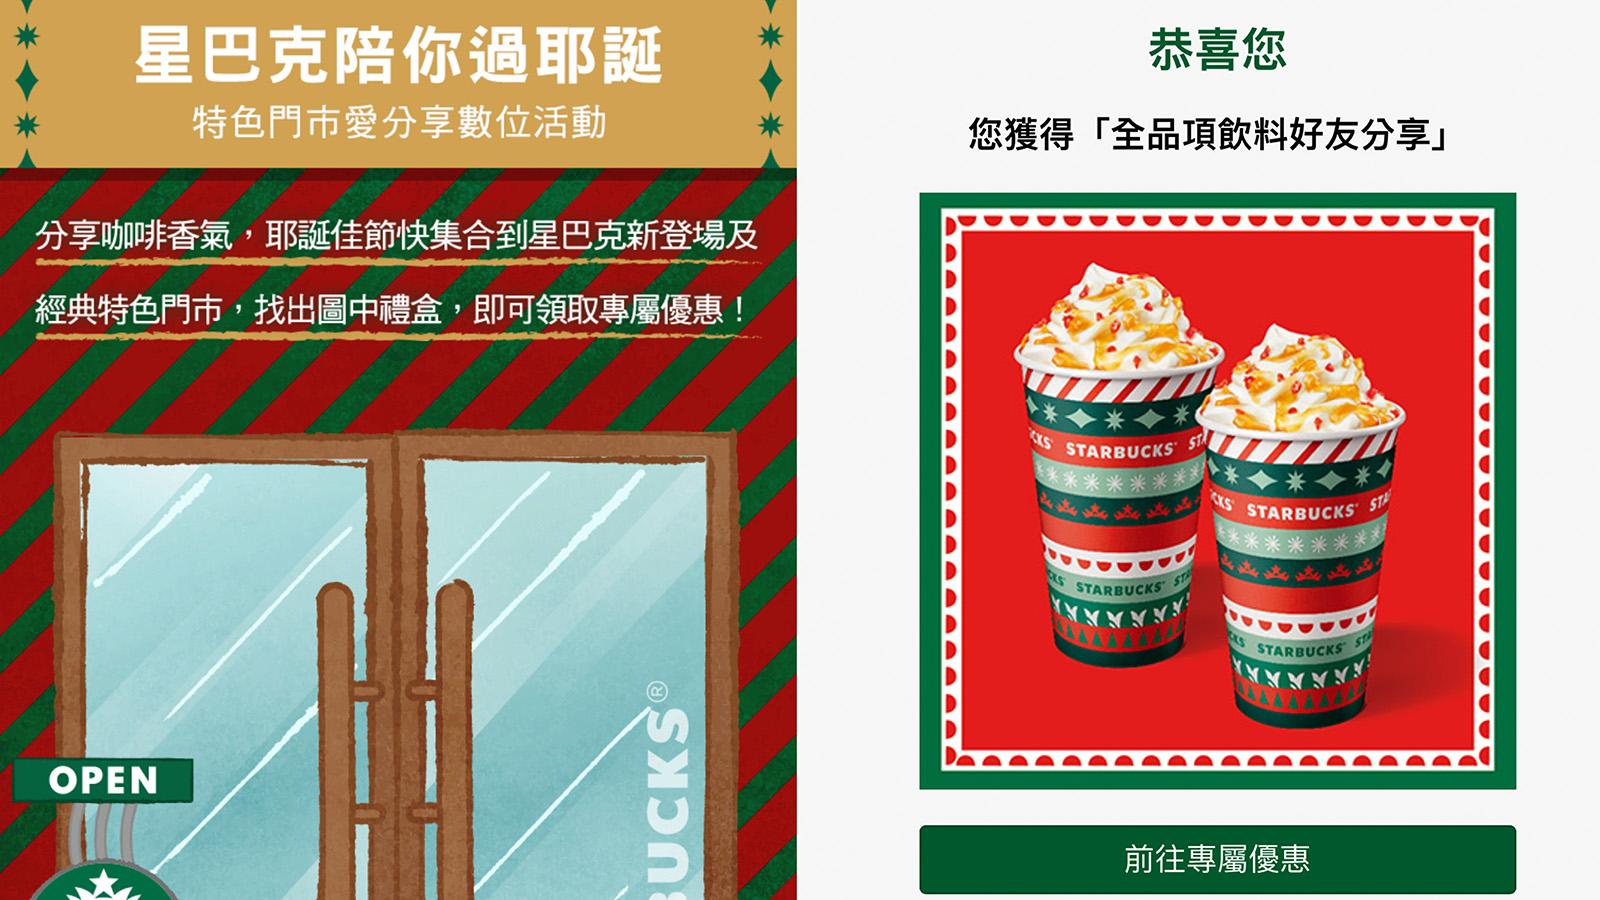 即時熱門文章:☆【優惠】2020 星巴克Starbucks買一送一 最新優惠活動懶人包(更新中)星巴克陪你過聖誕數位體驗